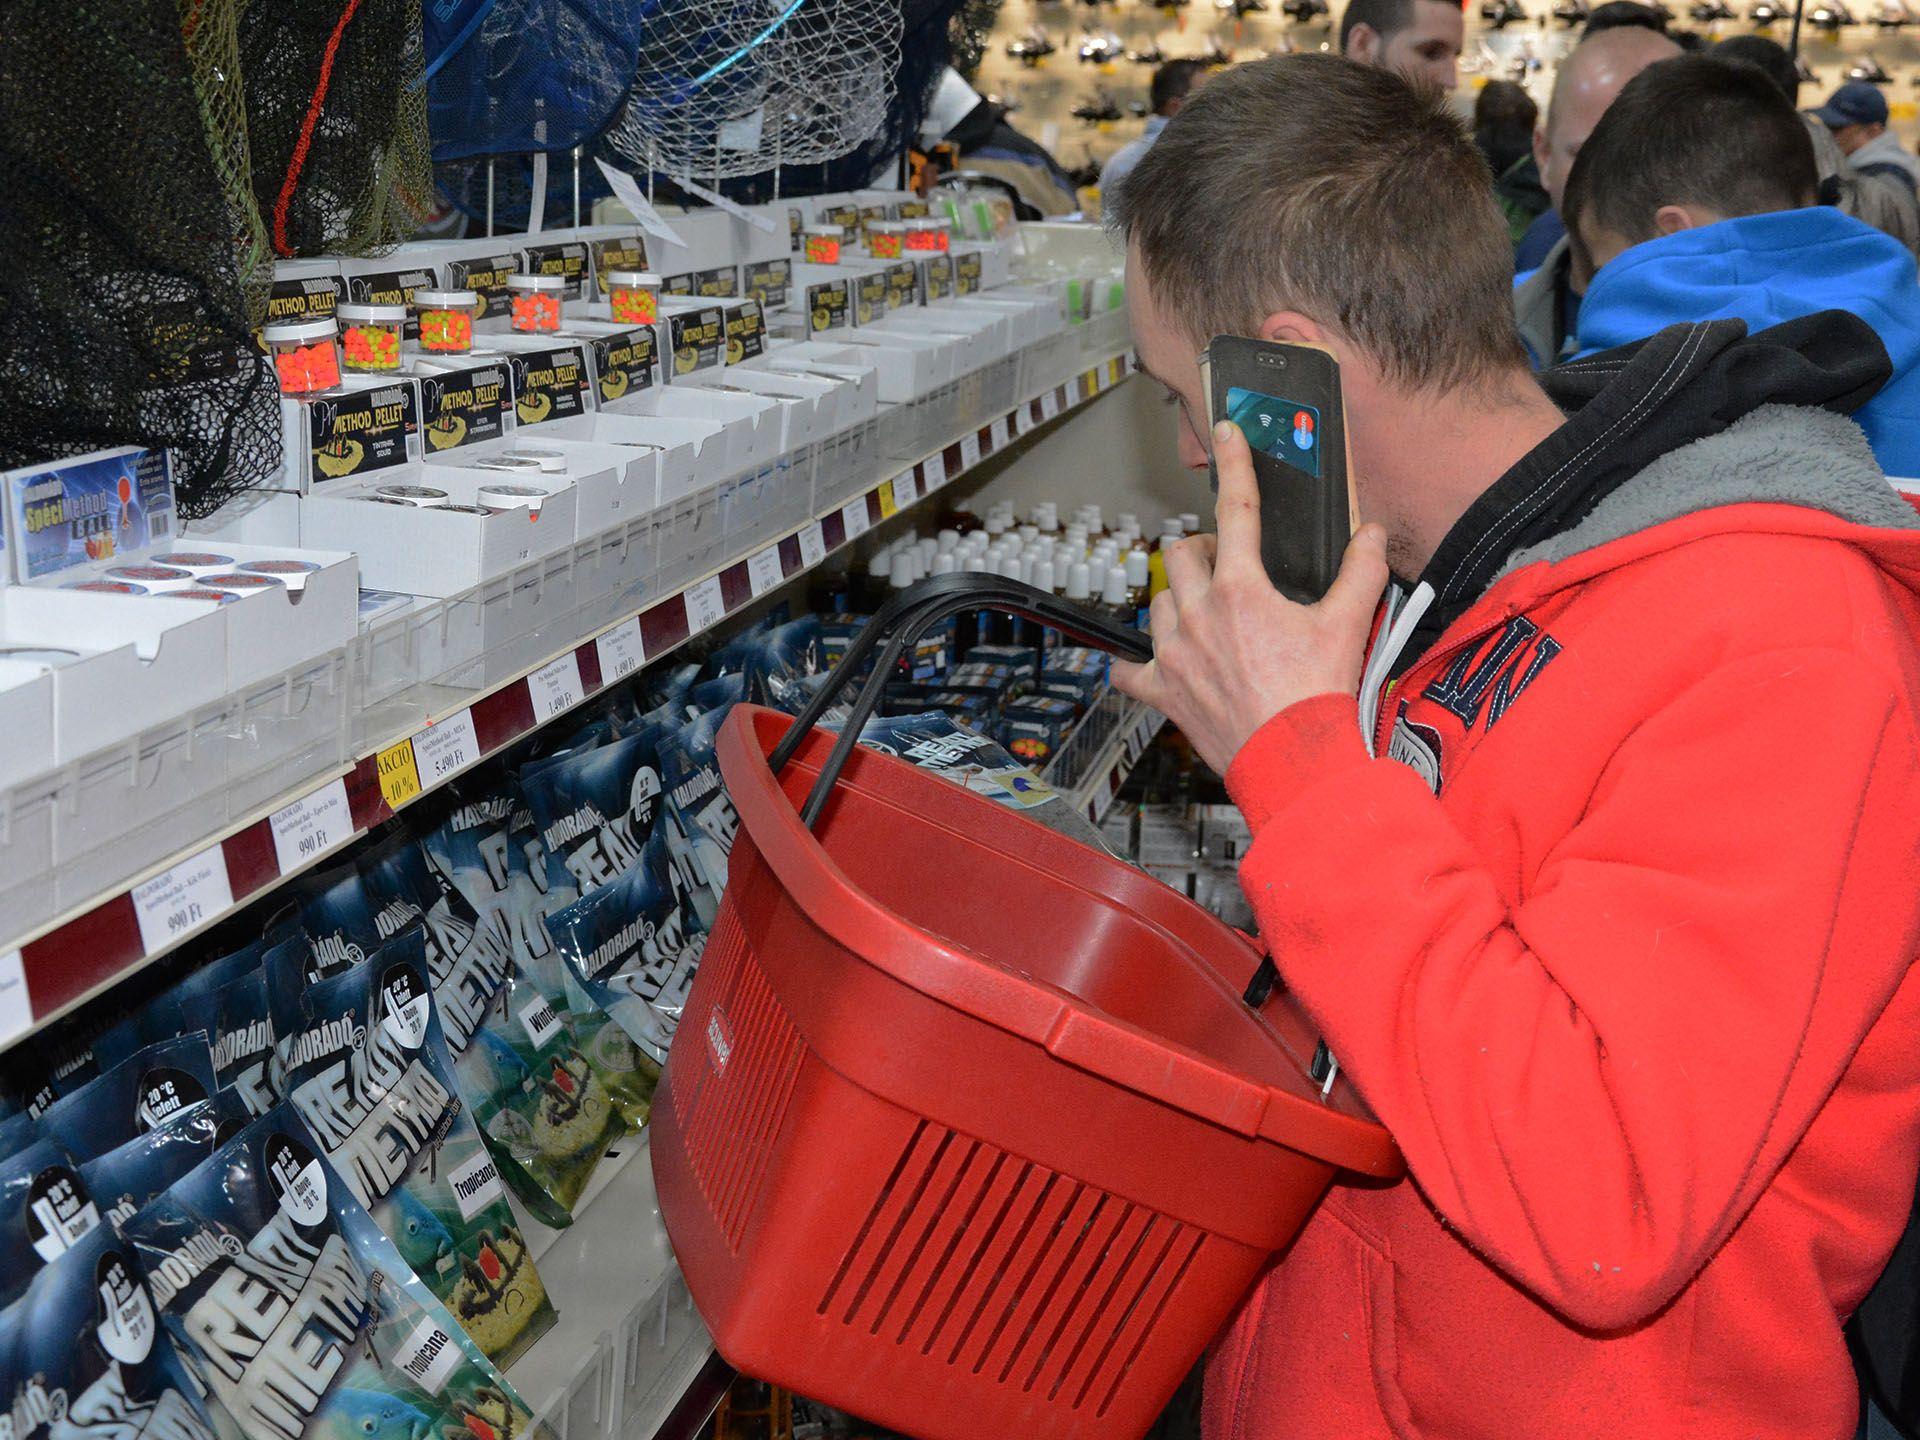 Telefonos segítség, melyik cimborának mire lesz szüksége